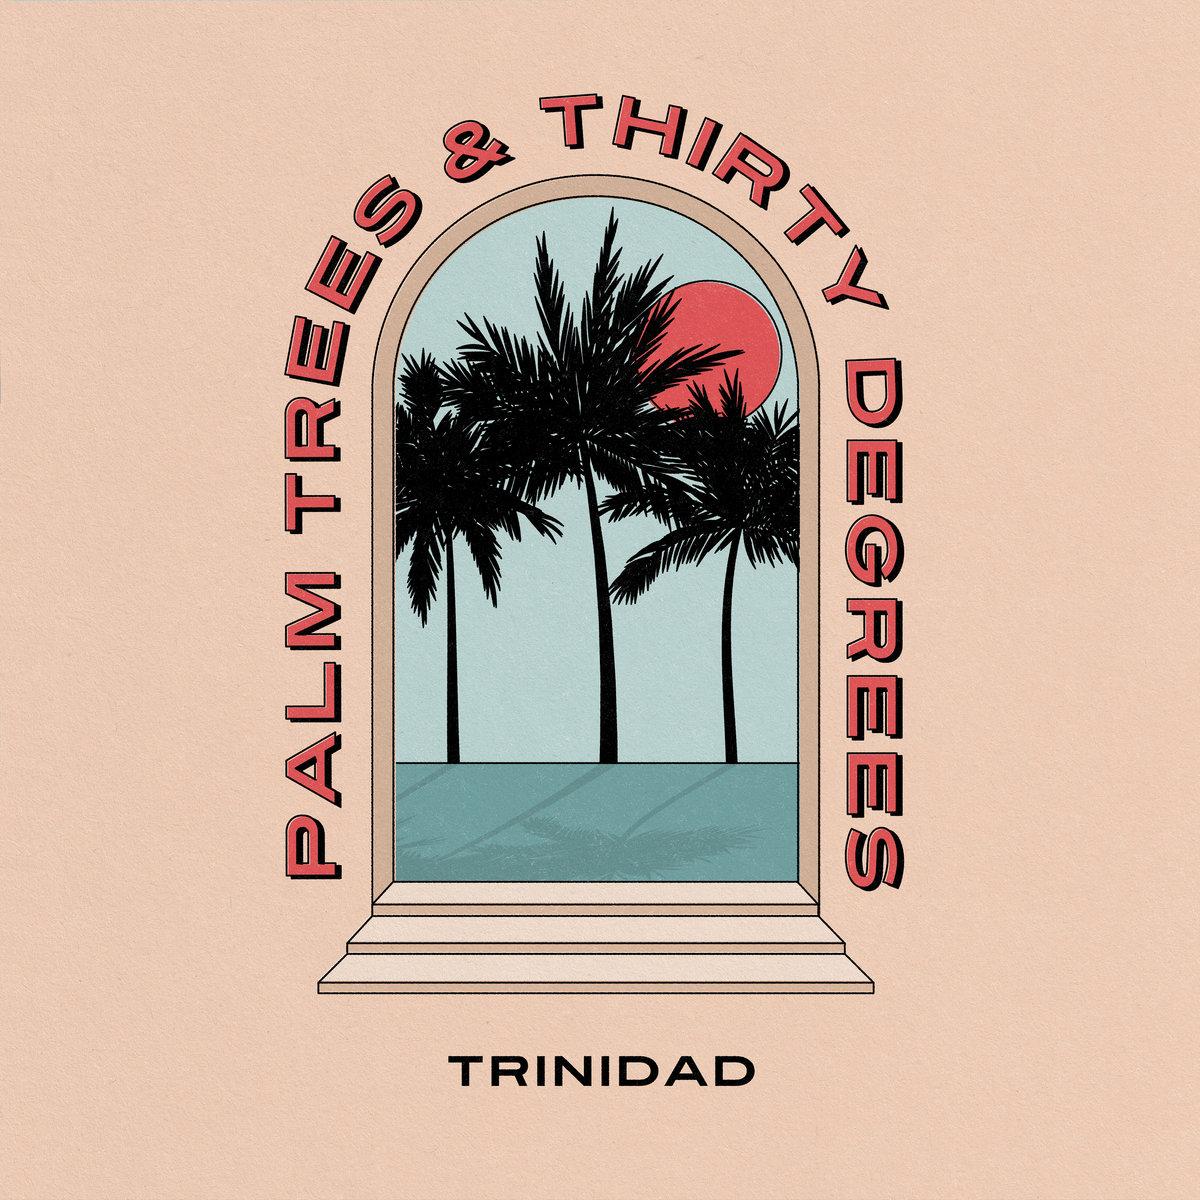 Trinidad - Palm Trees & Thirty Degrees(Palm Trees & Thirty Degrees)